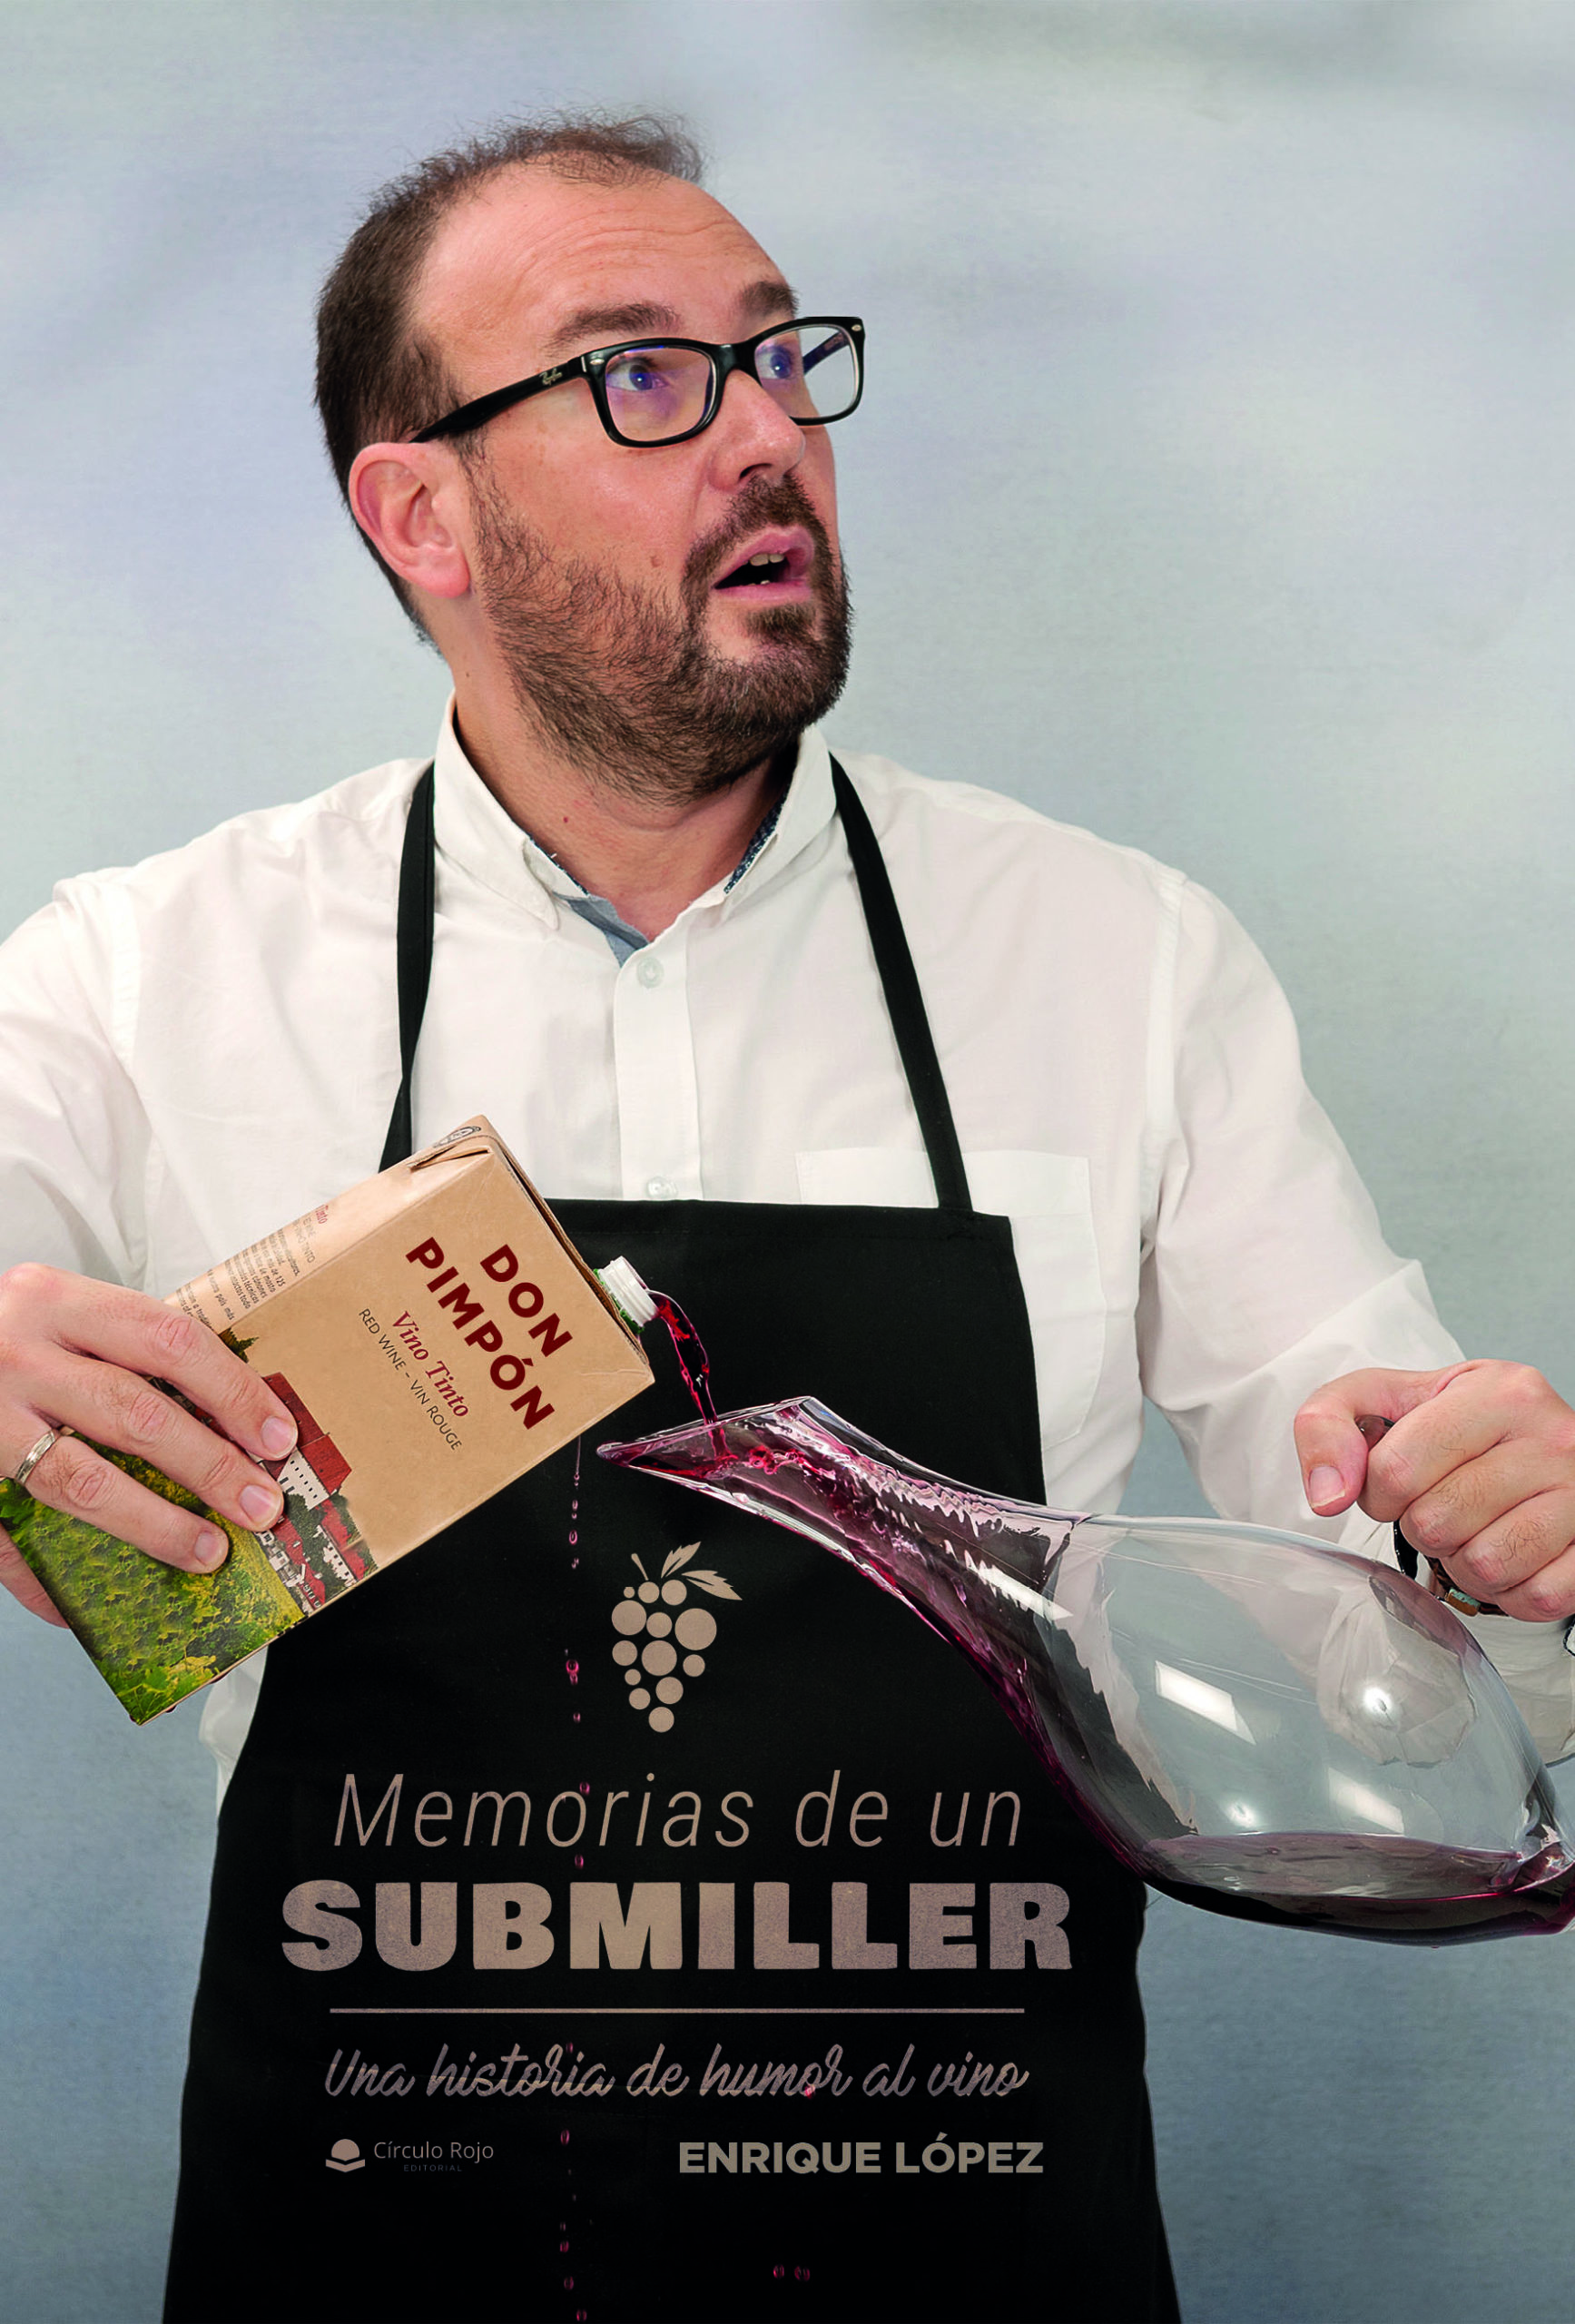 'Memorias de un Submiller', para apasionados del vino presentes y futuros